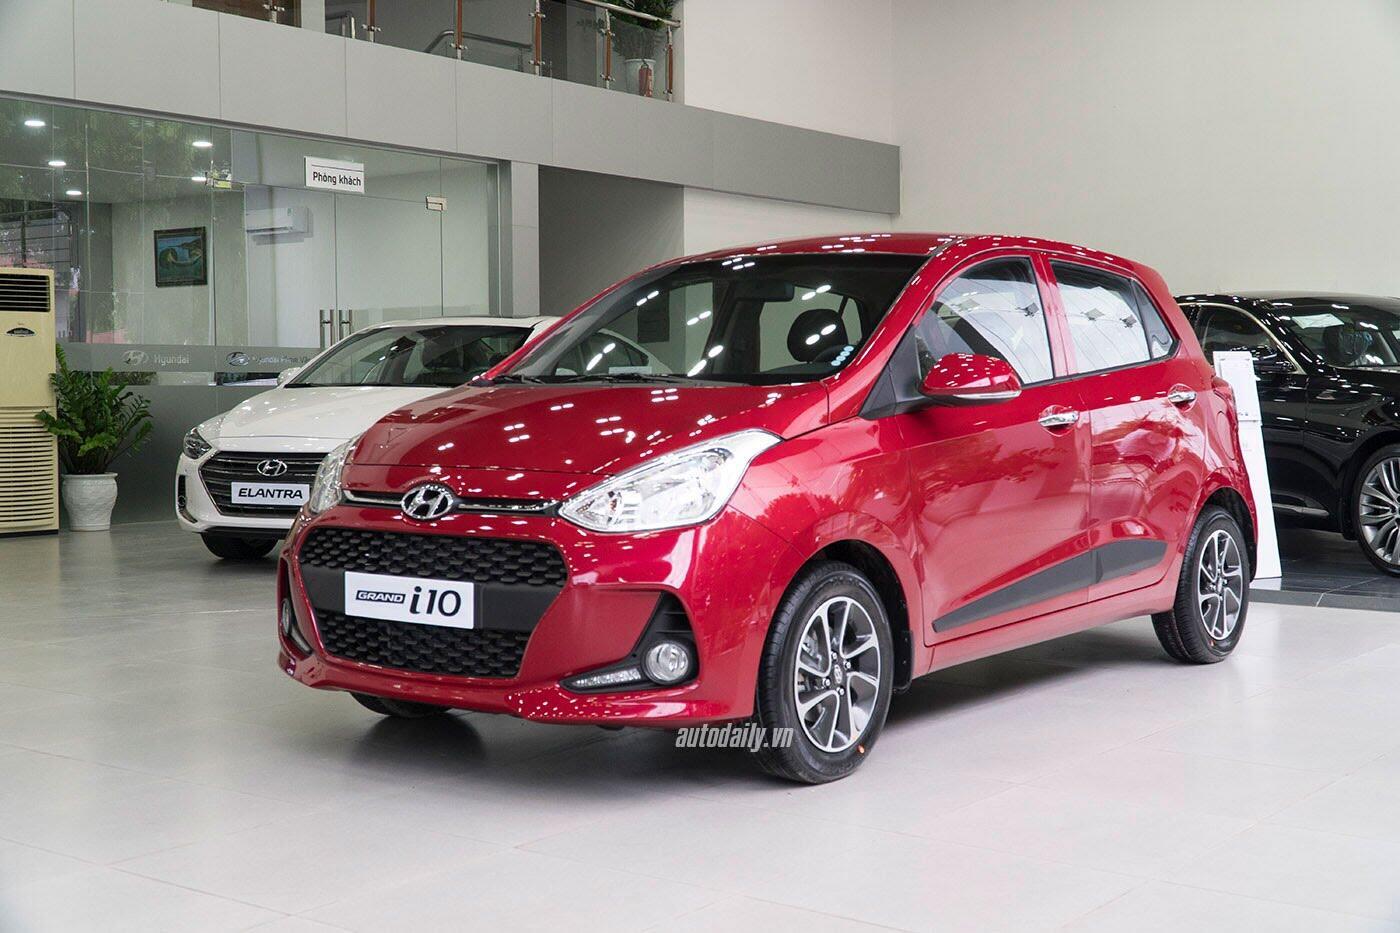 Có 400 triệu đồng, mua Hyundai Grand i10 hay Kia Morning? - Hình 2